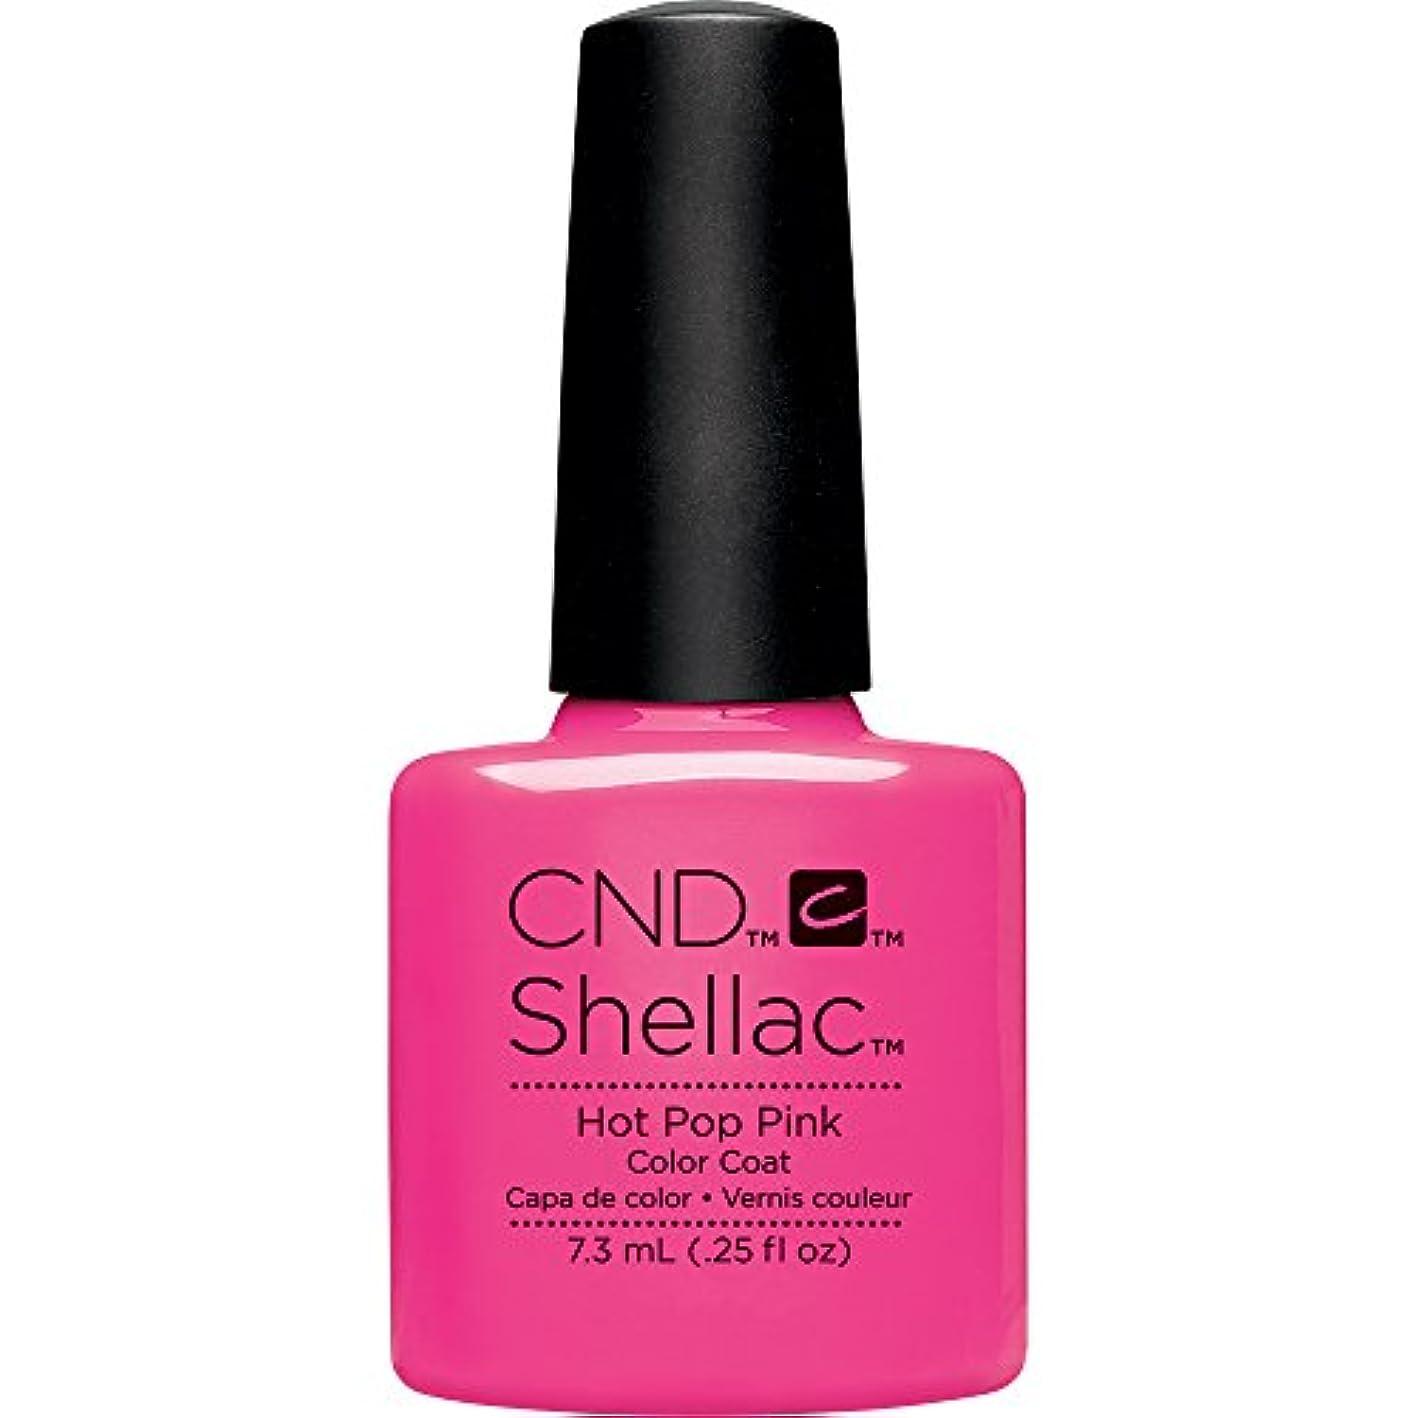 タワーベリー分数CND(シーエヌディー) シェラック UVカラーコート 519 Hot Pop Pink(マット) 7.3ml